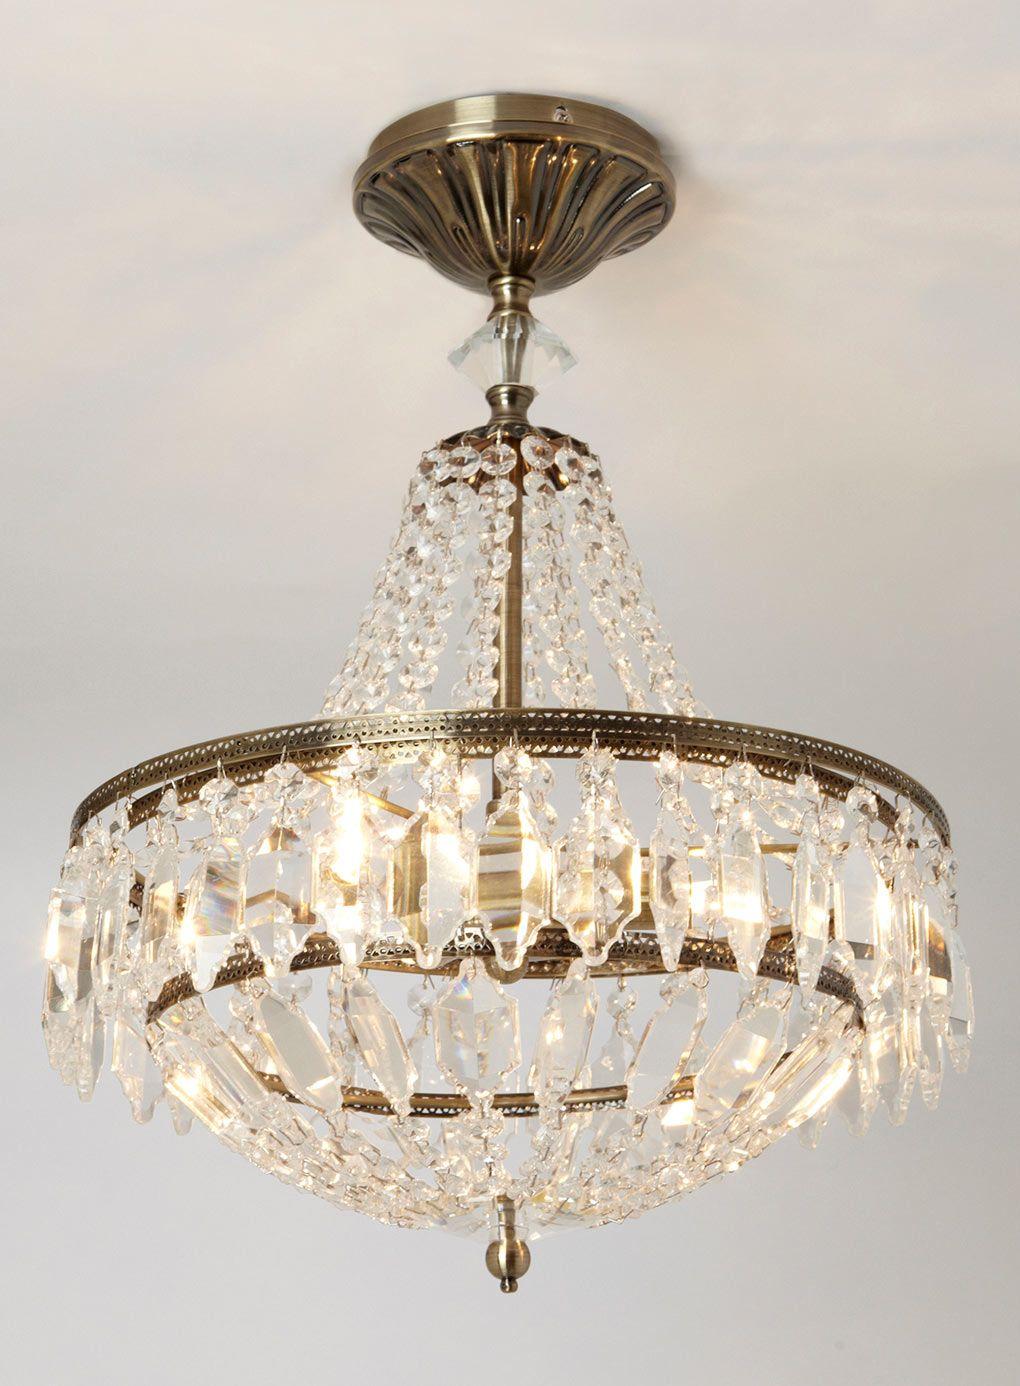 Bargain Light For Dining Room